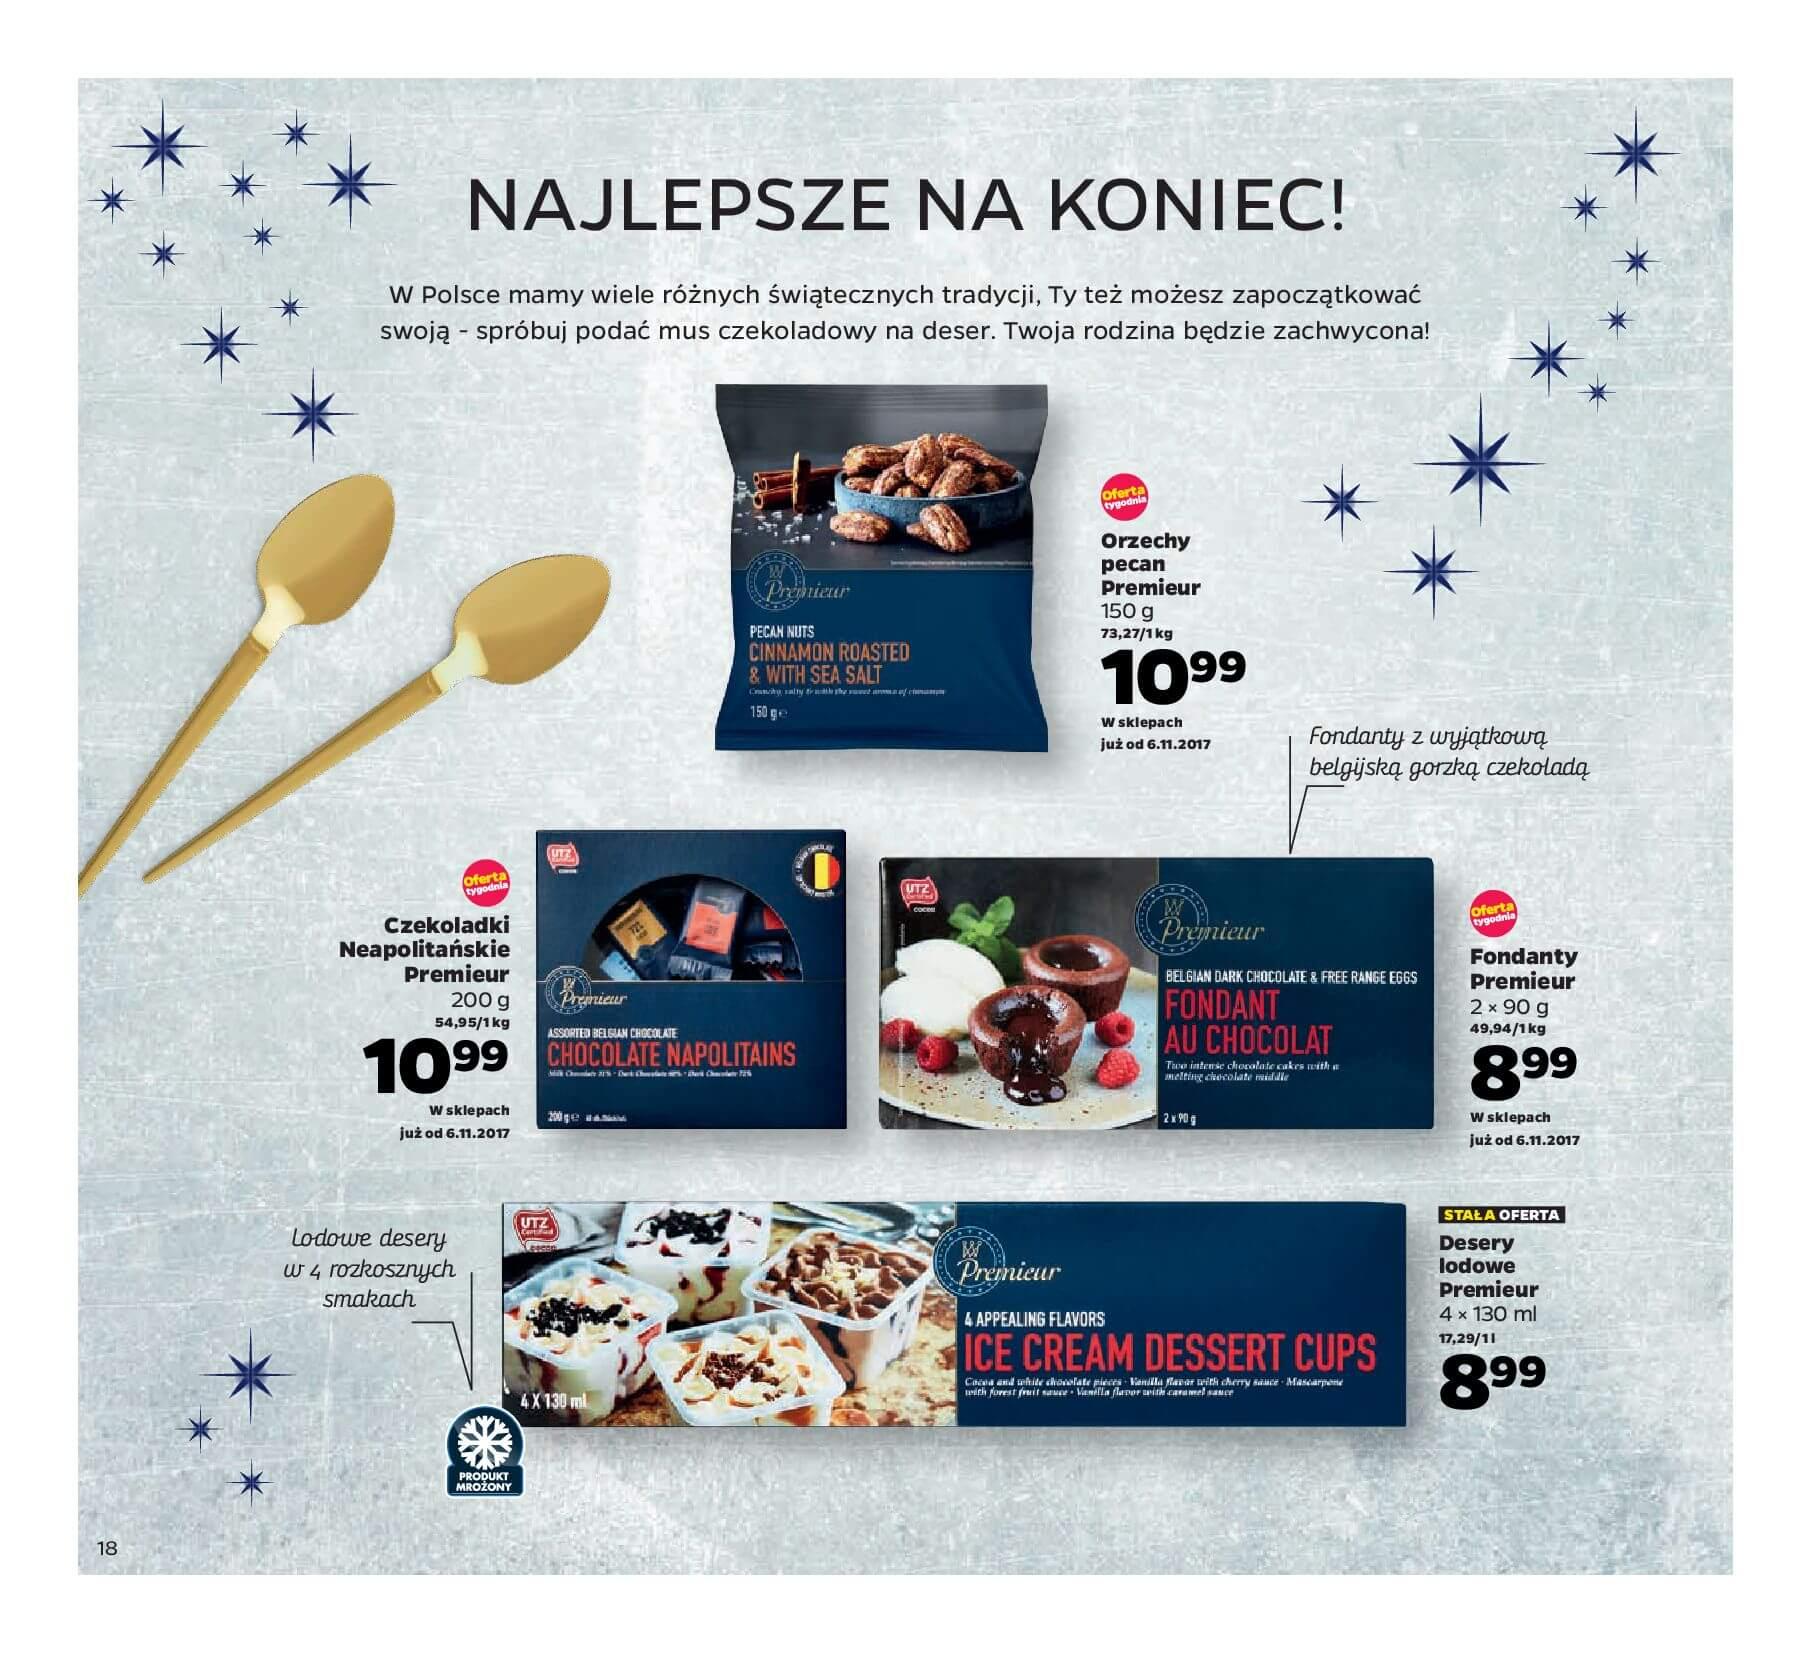 Gazetka Netto - Katalog-2017-11-19-2017-12-31-page-18